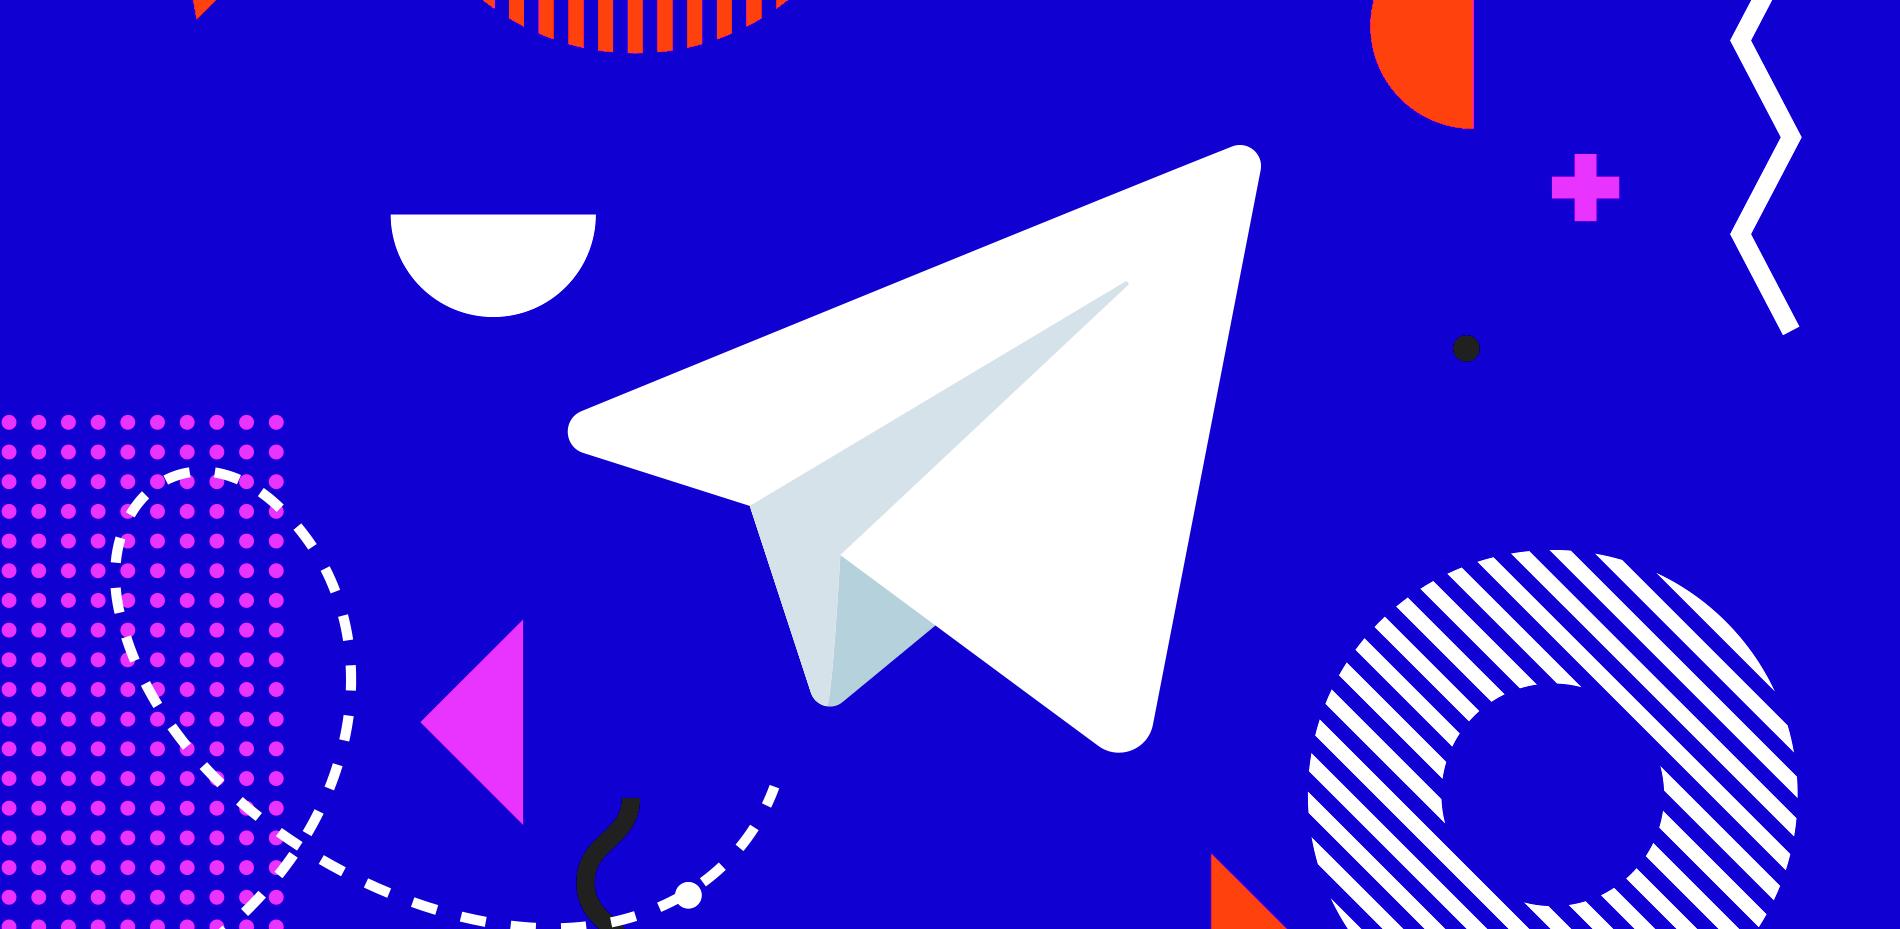 Льем на гемблинг в Телеграм: особенности арбитража трафика